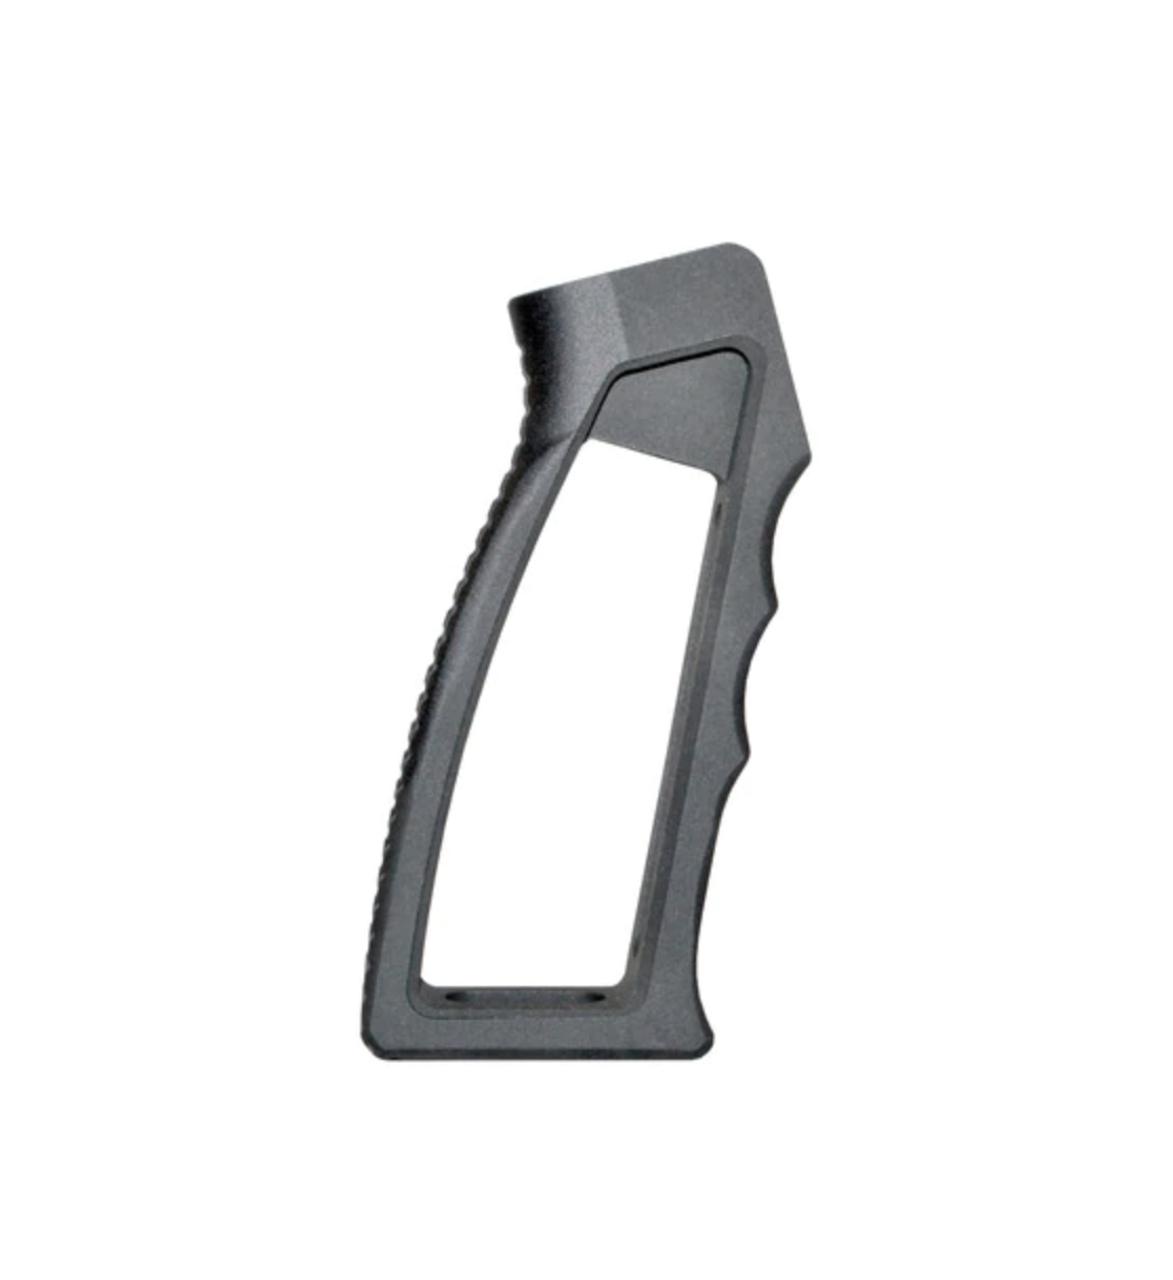 Skeletonized Rear Pistol Grip V3 For Ar-15, 308, LR-308